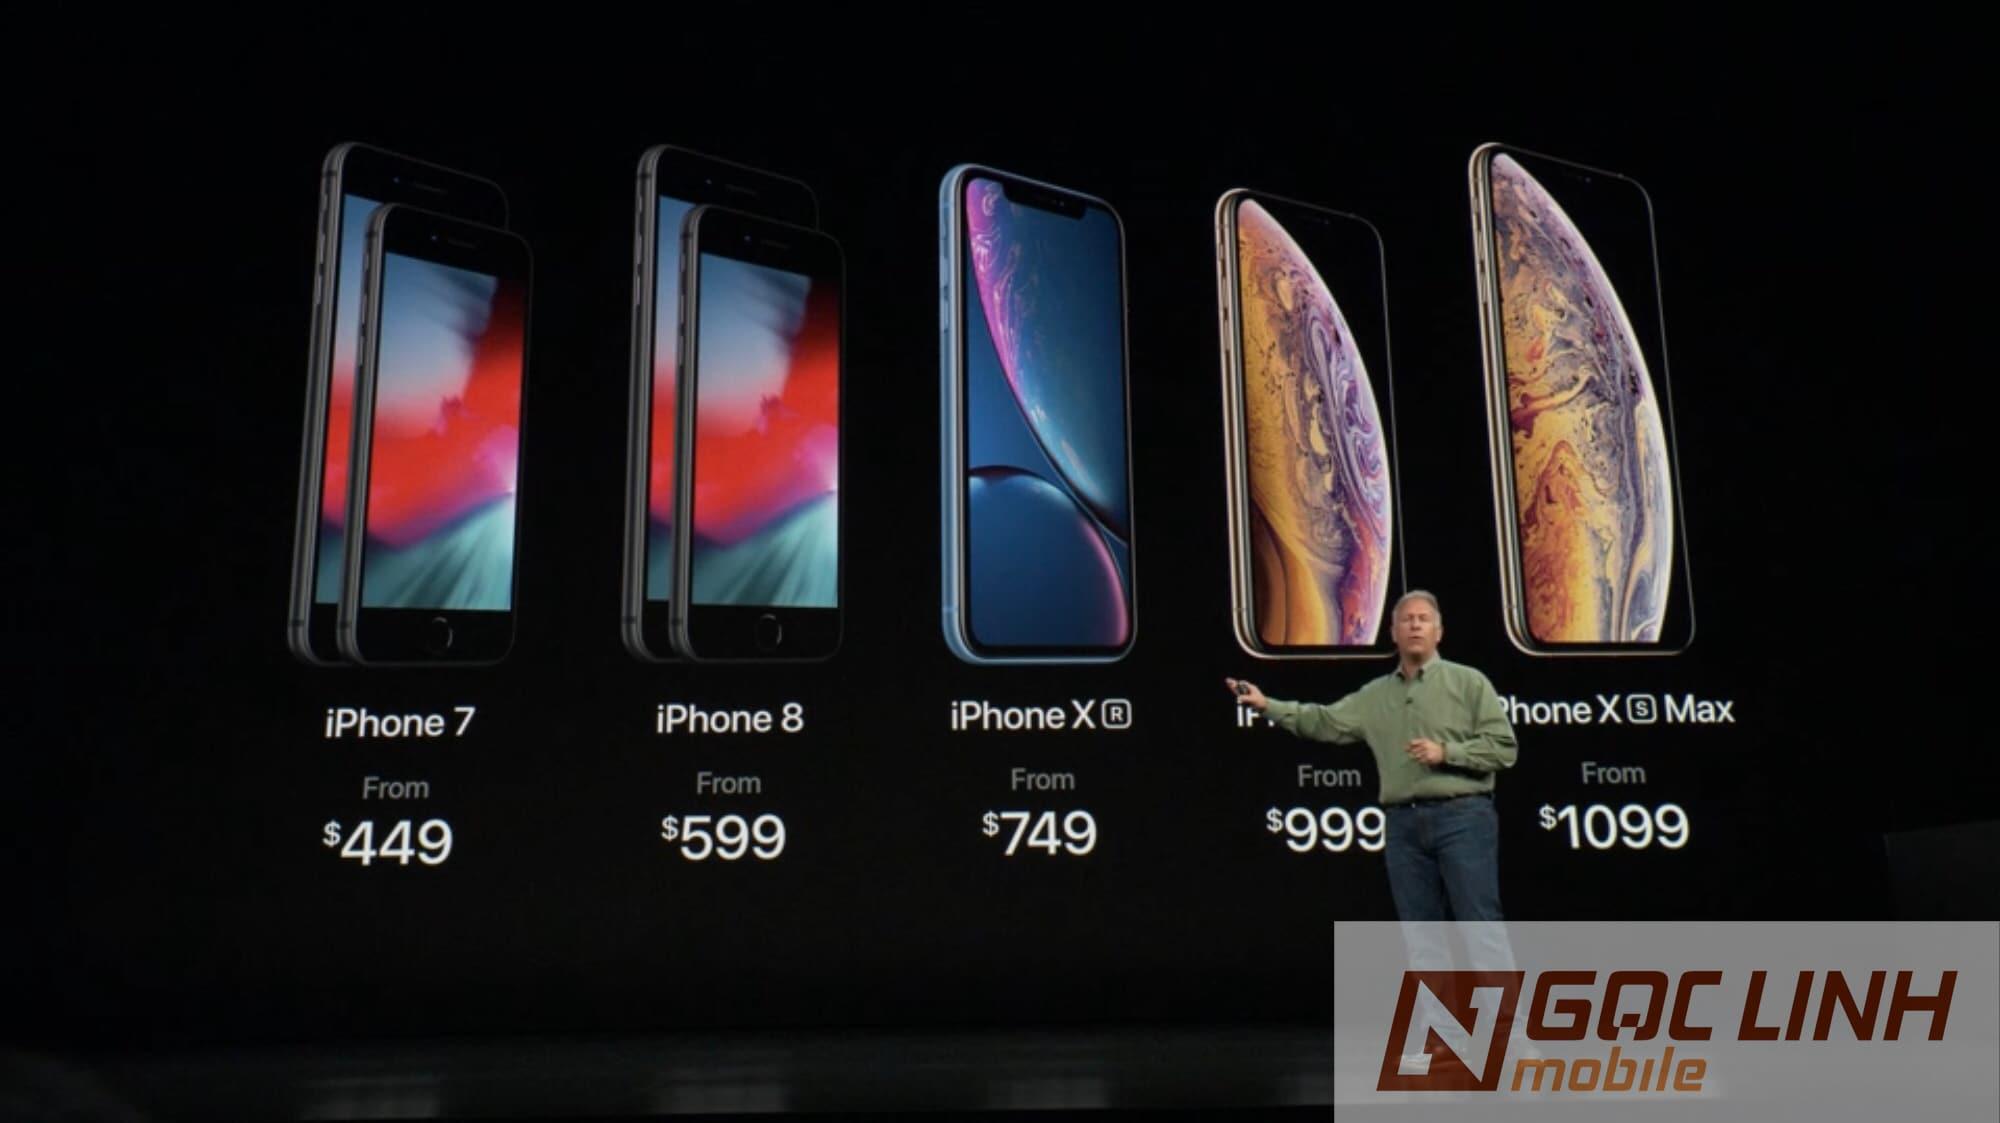 iphone Xs max, iPhone Xr iphone xr - Em út trong bộ 3 2018: iPhone Xr, nhỏ nhưng có võ